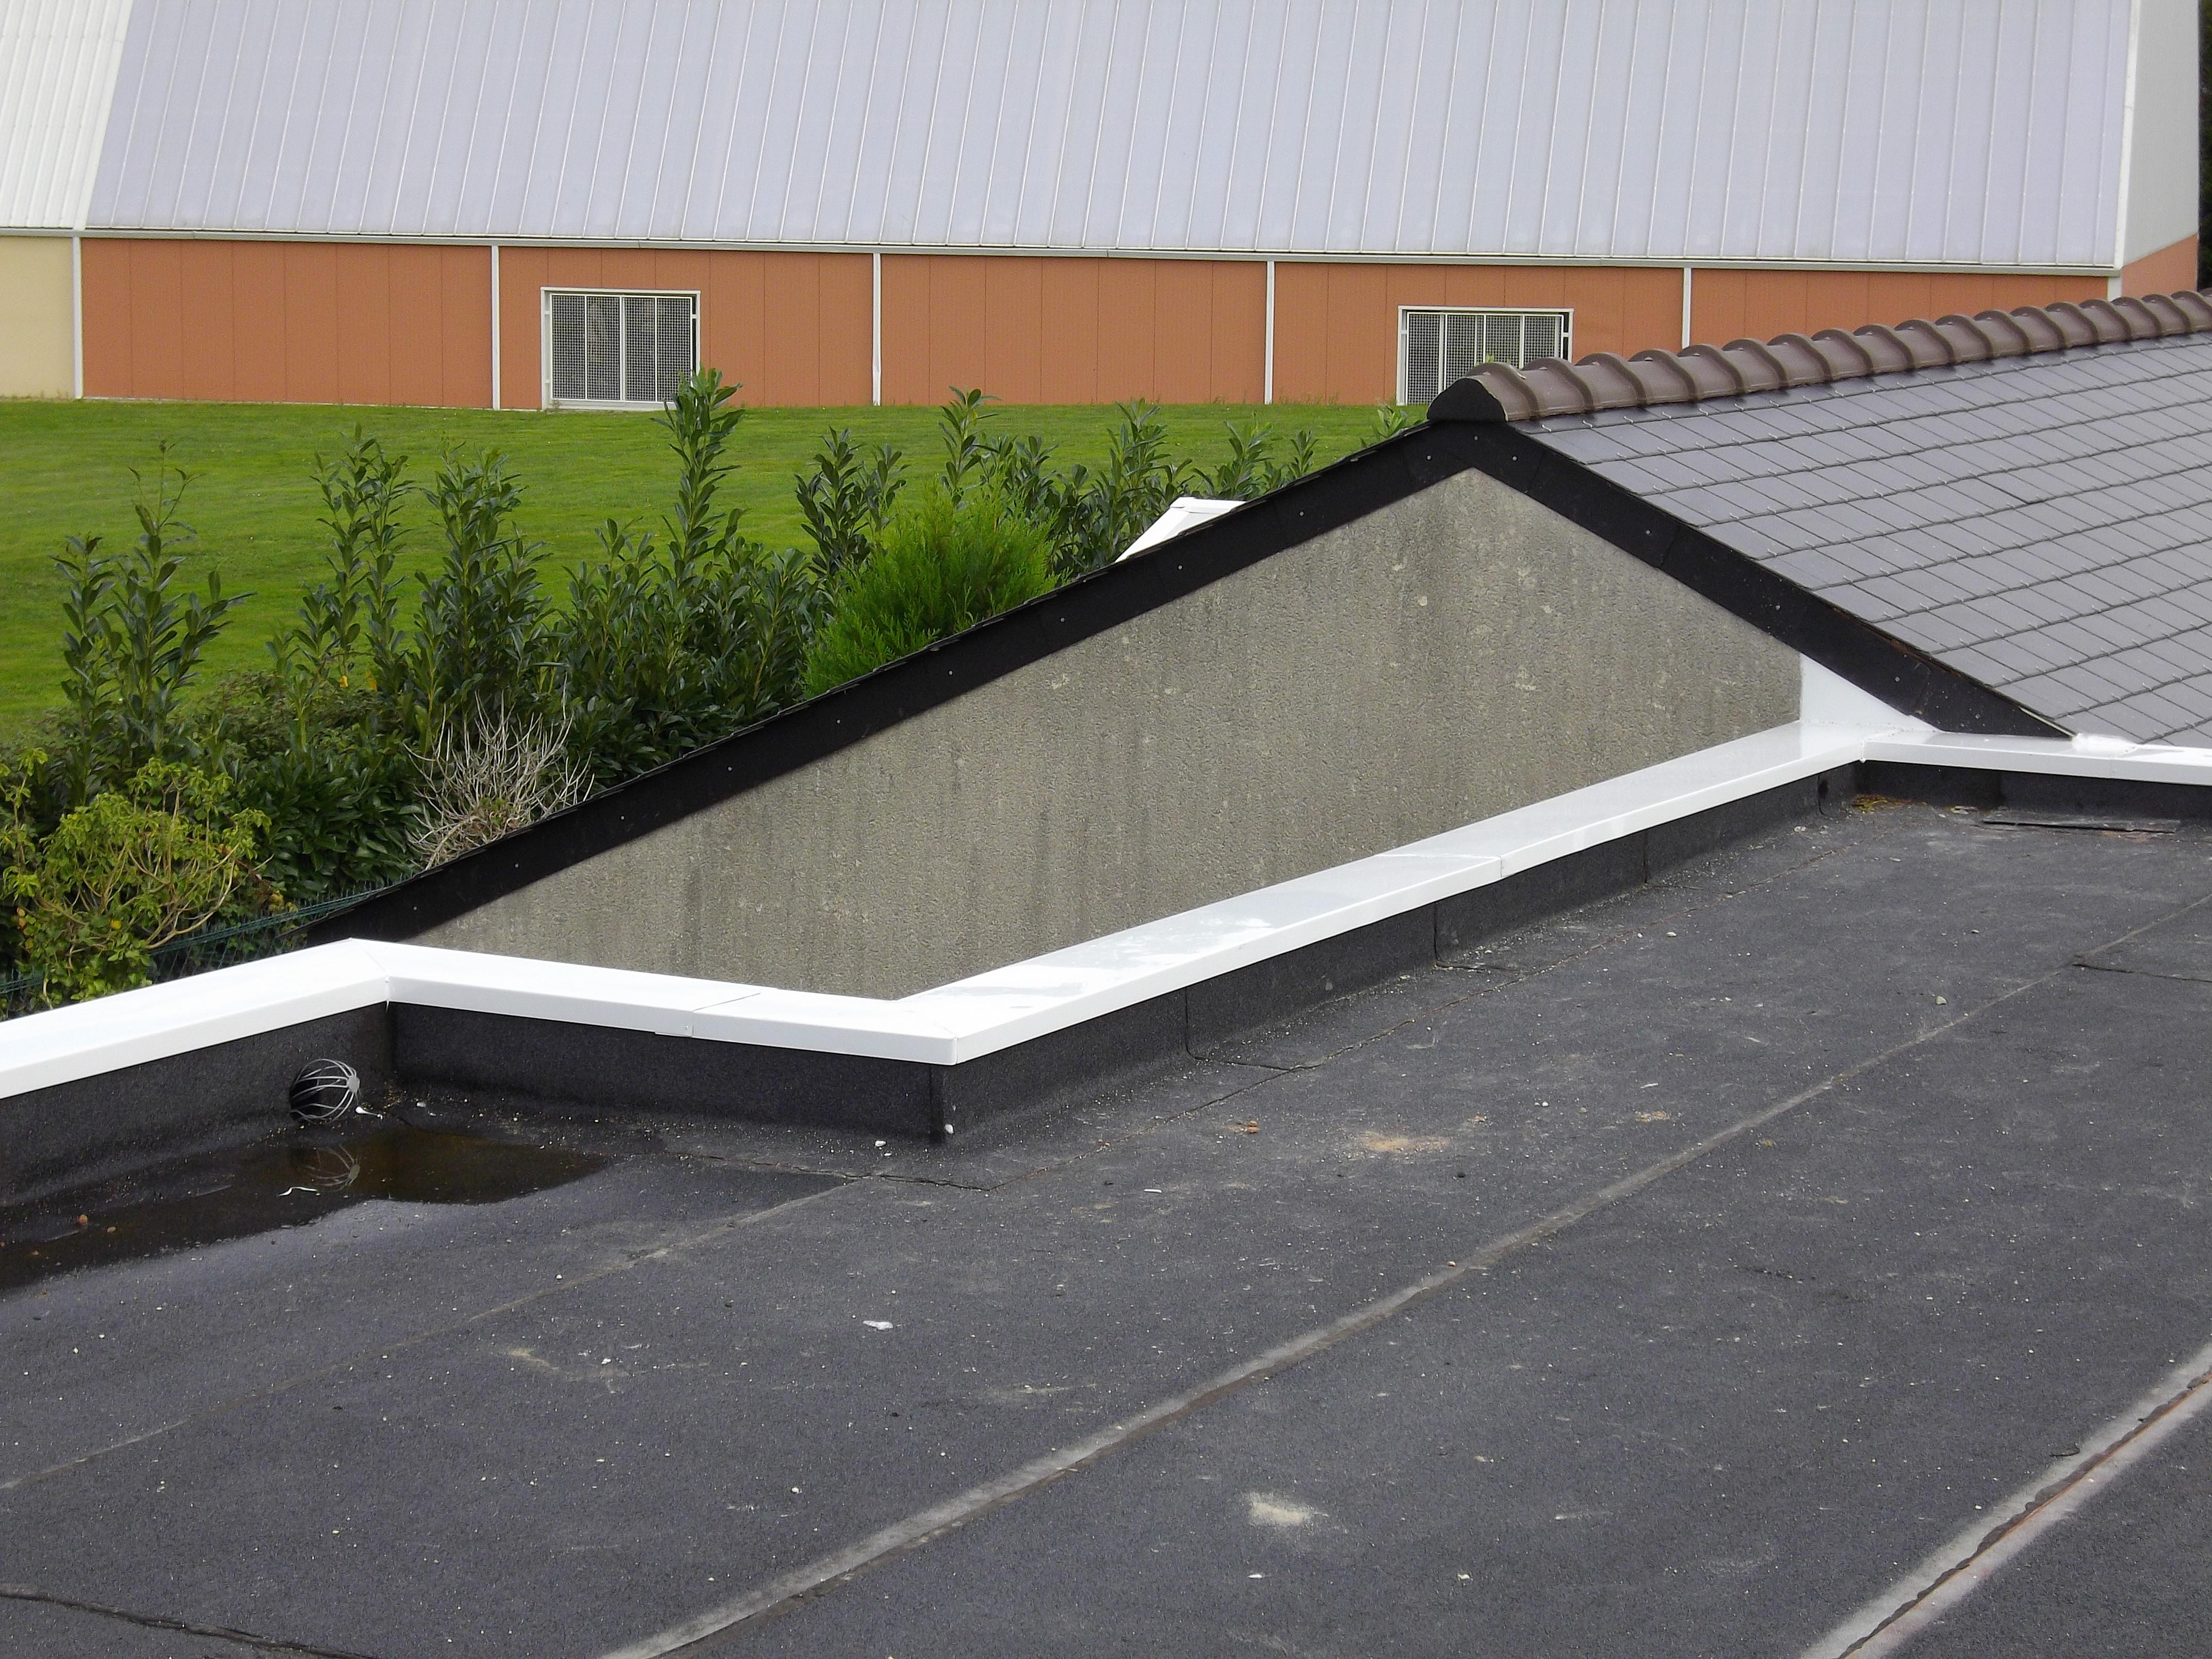 Acrotère Toit Plat - Couvertine Alu - Au Bac D'eau Nantes concernant Acrotere Toit Plat